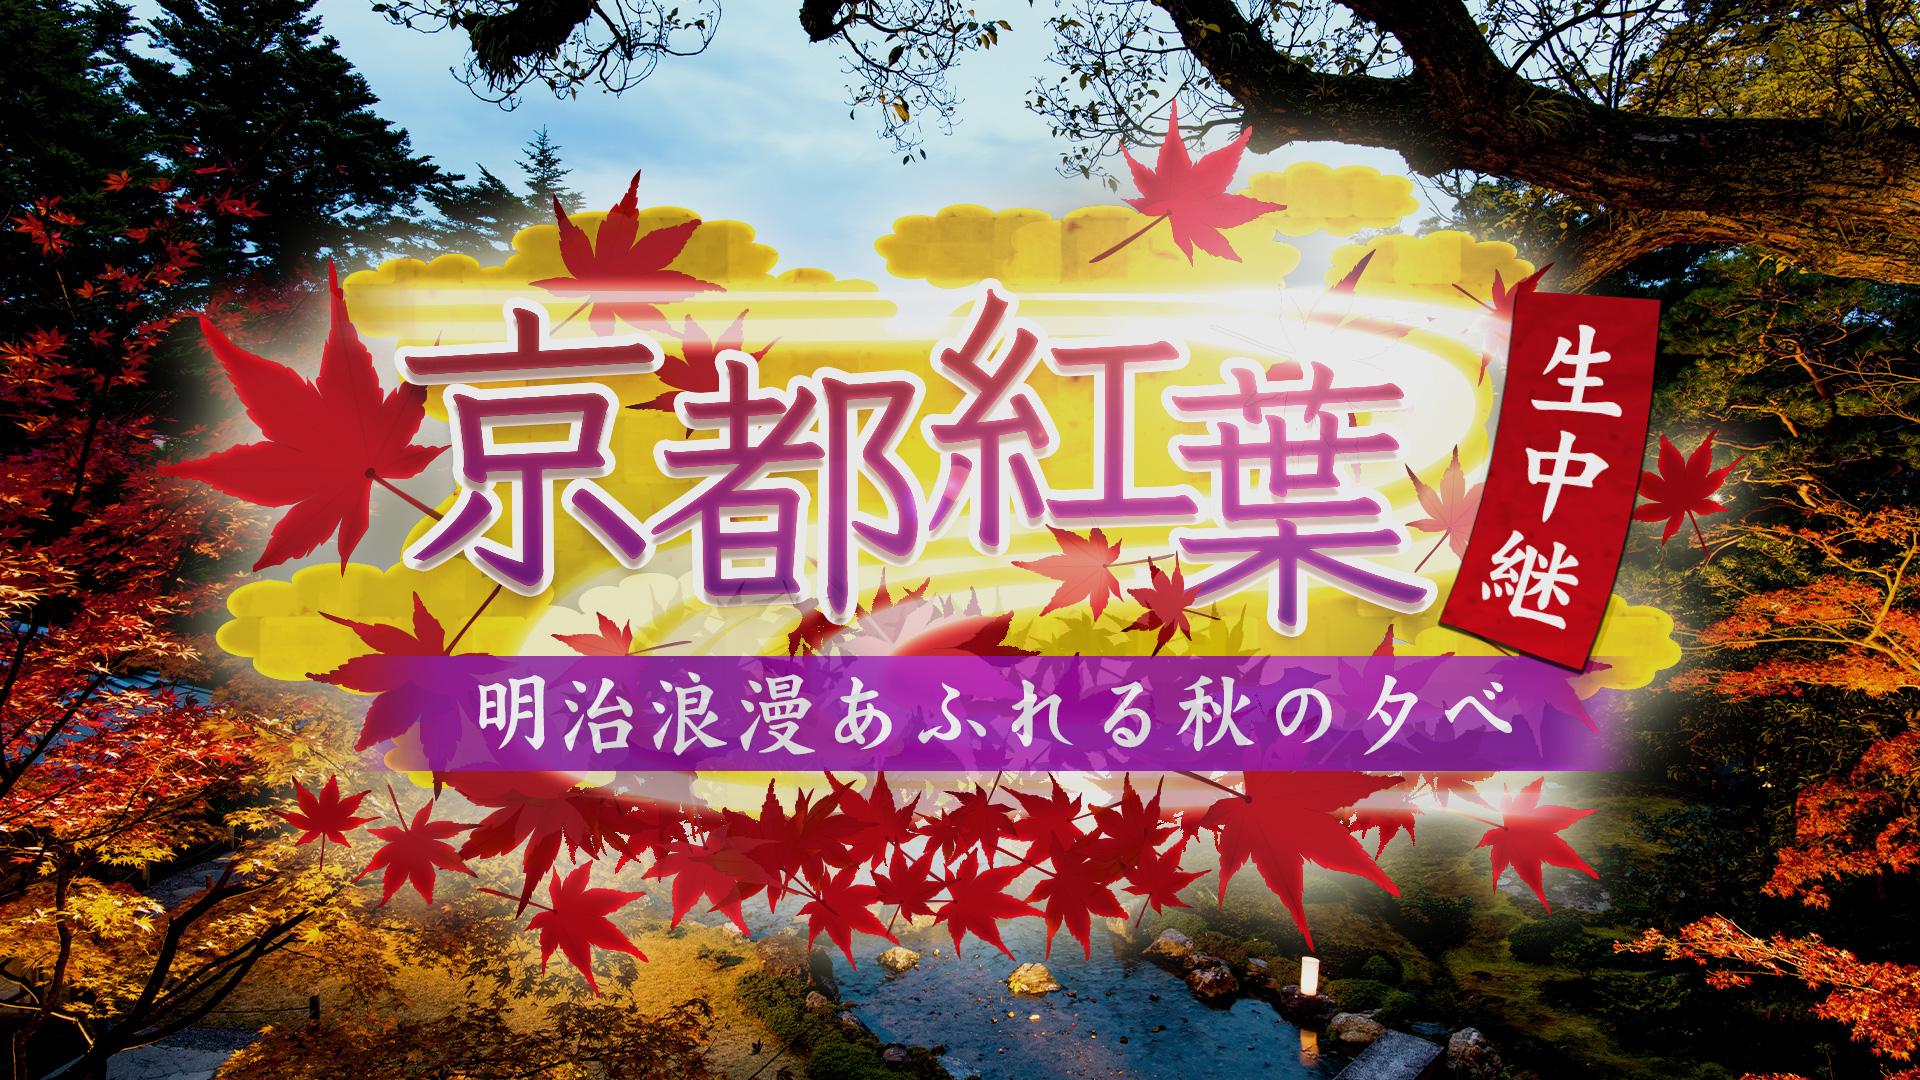 京都紅葉生中継2018明治浪漫あふれる秋の夕べ